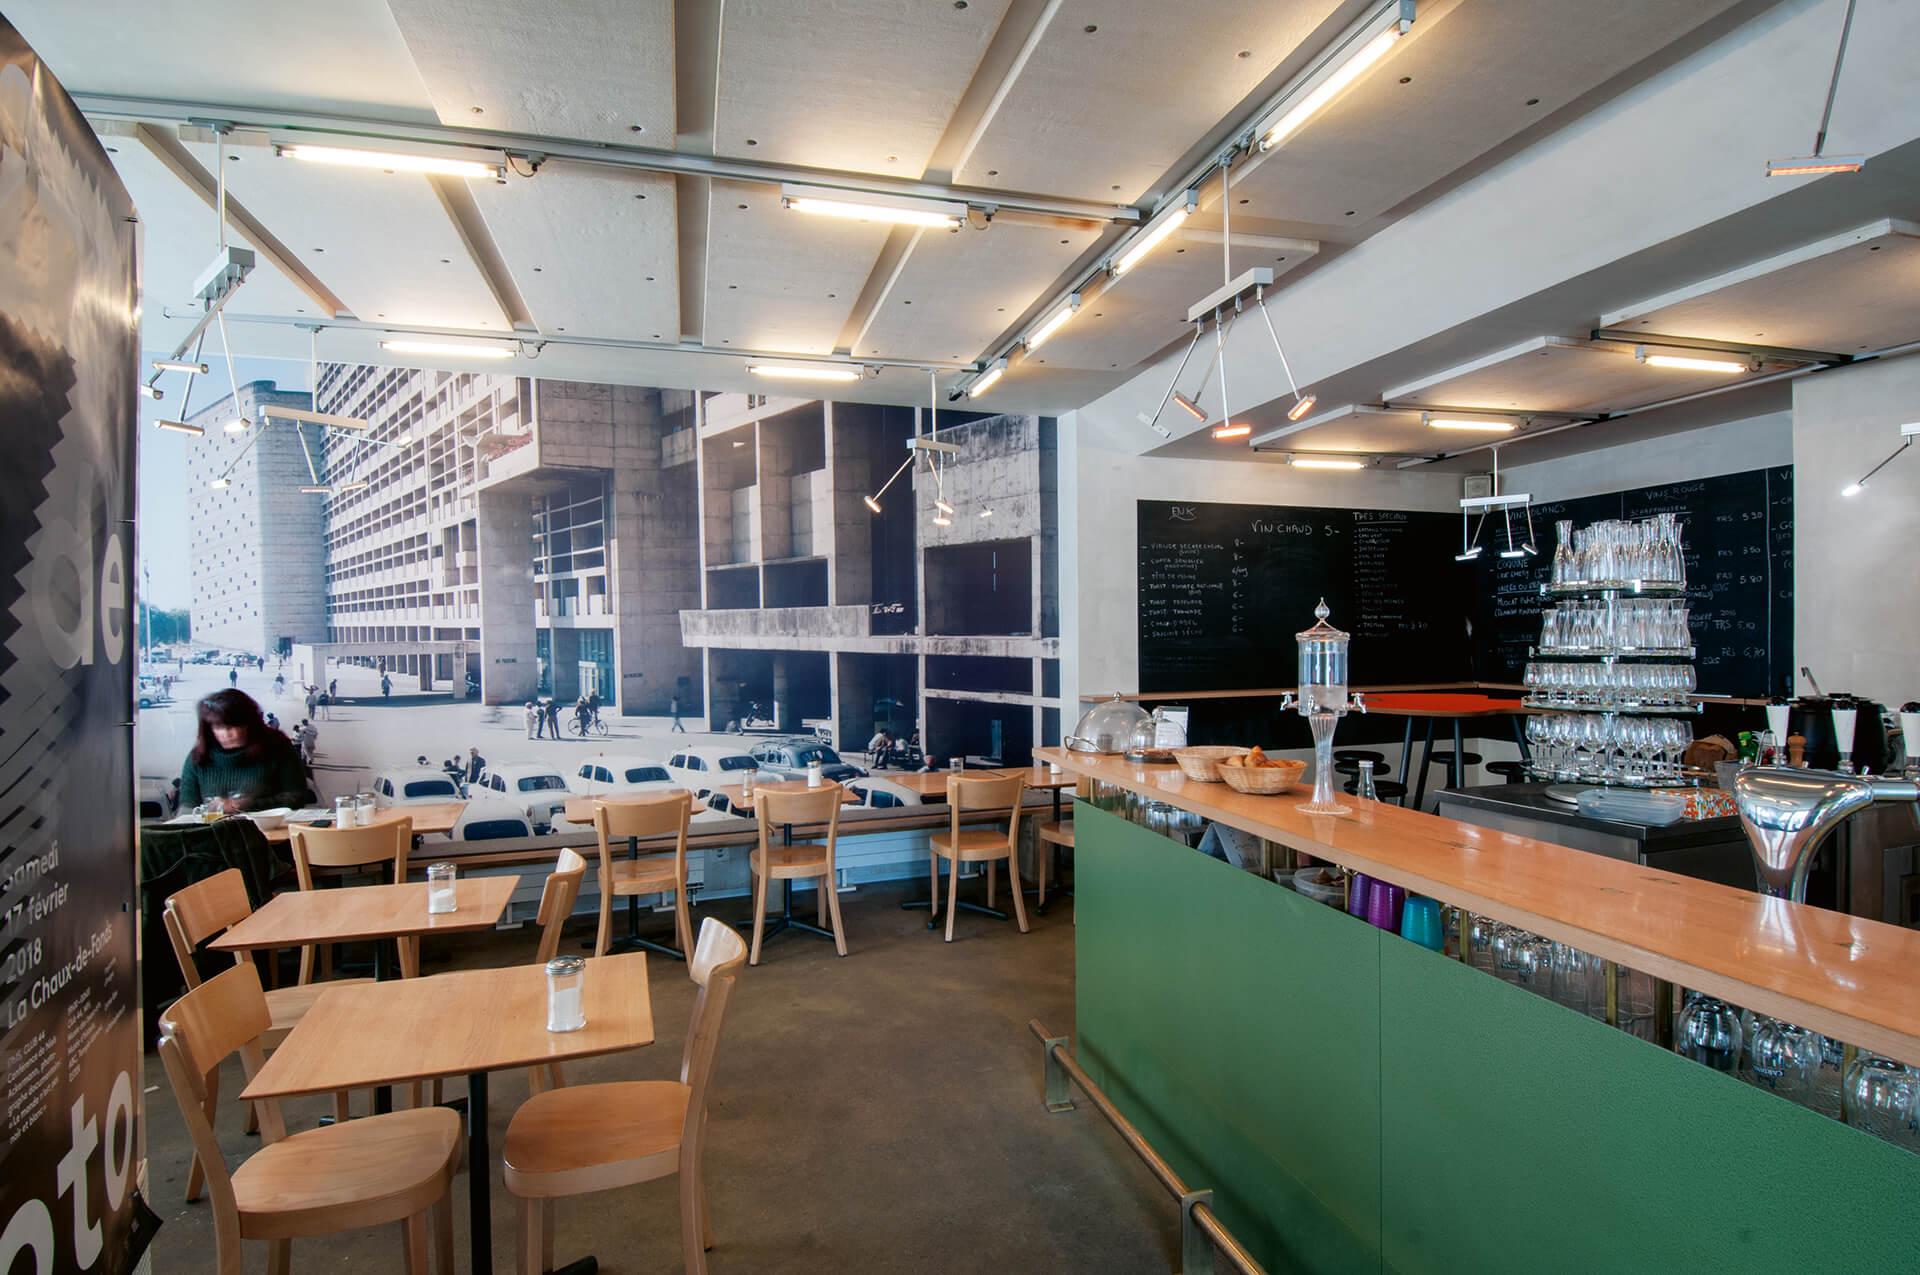 Le Café du Coin, La Chaux-de-Fonds NE